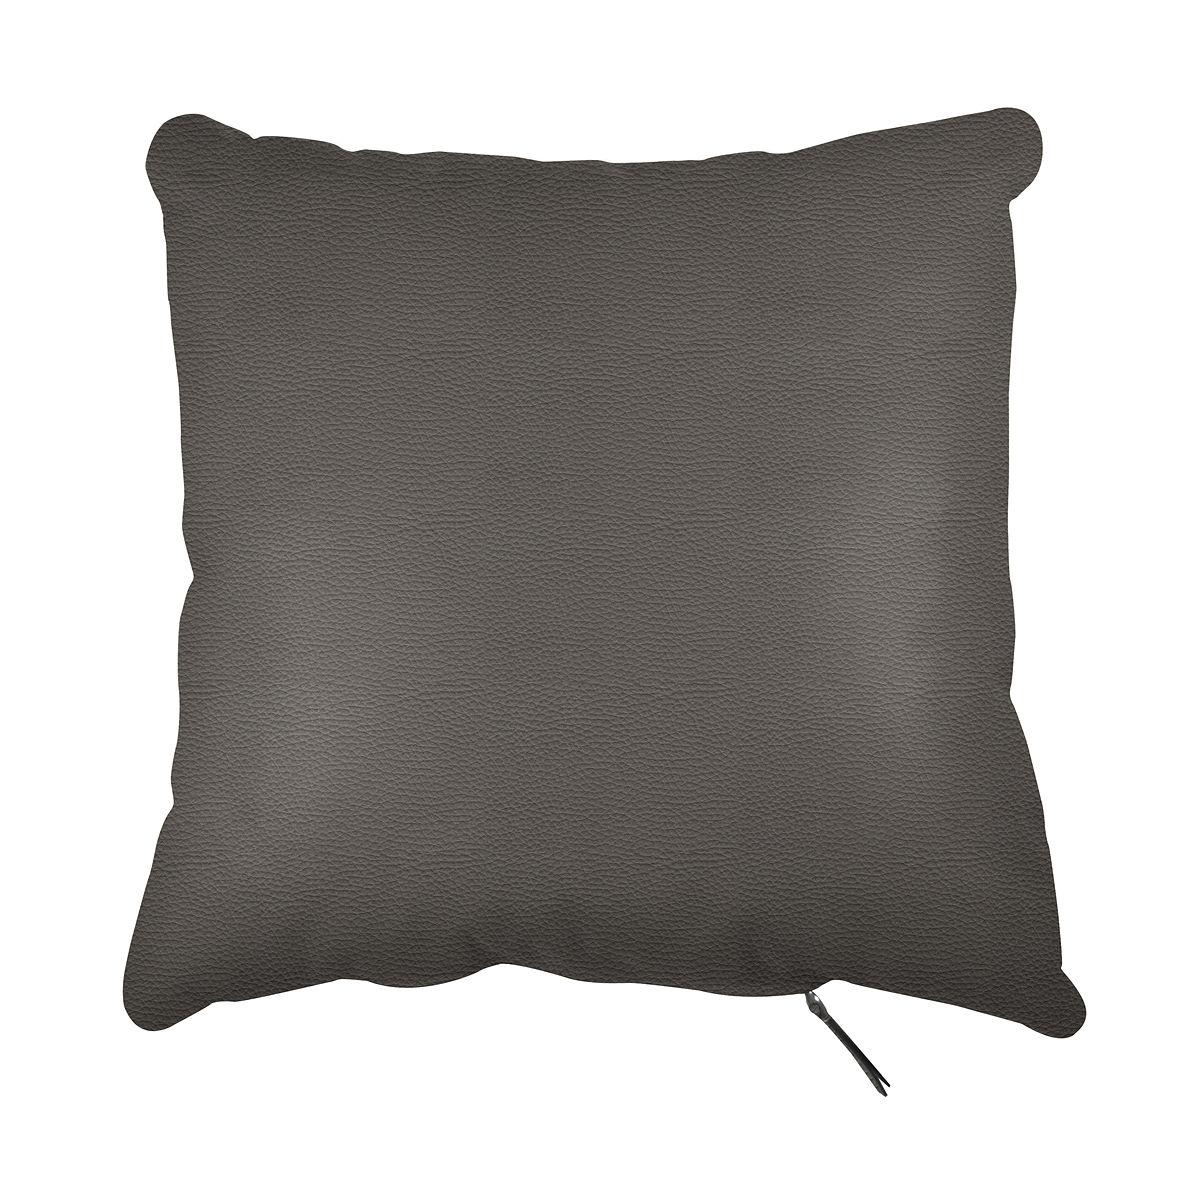 Large Square Pillow 50cm x 50cm